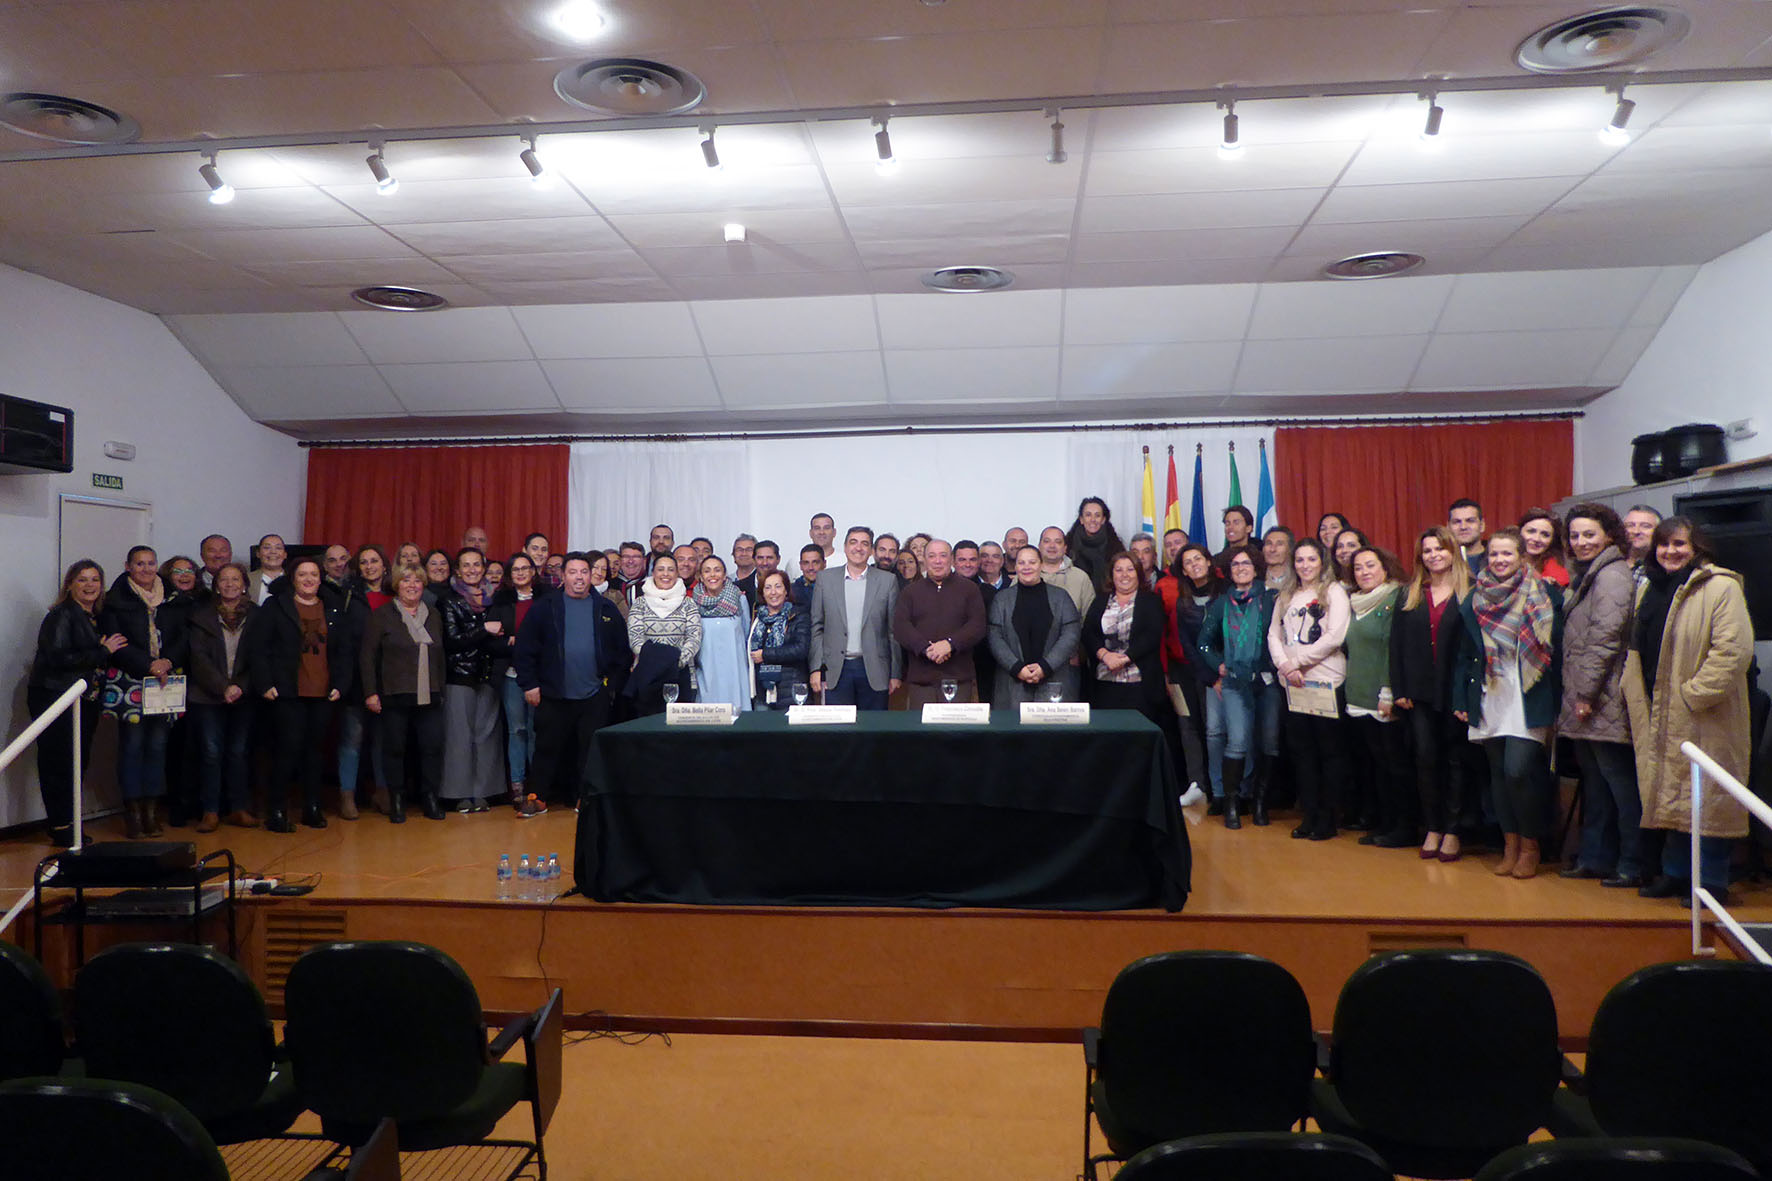 Clausurado en Islantilla los cuatro cursos del XX Plan Agrupado de Formación Continúa